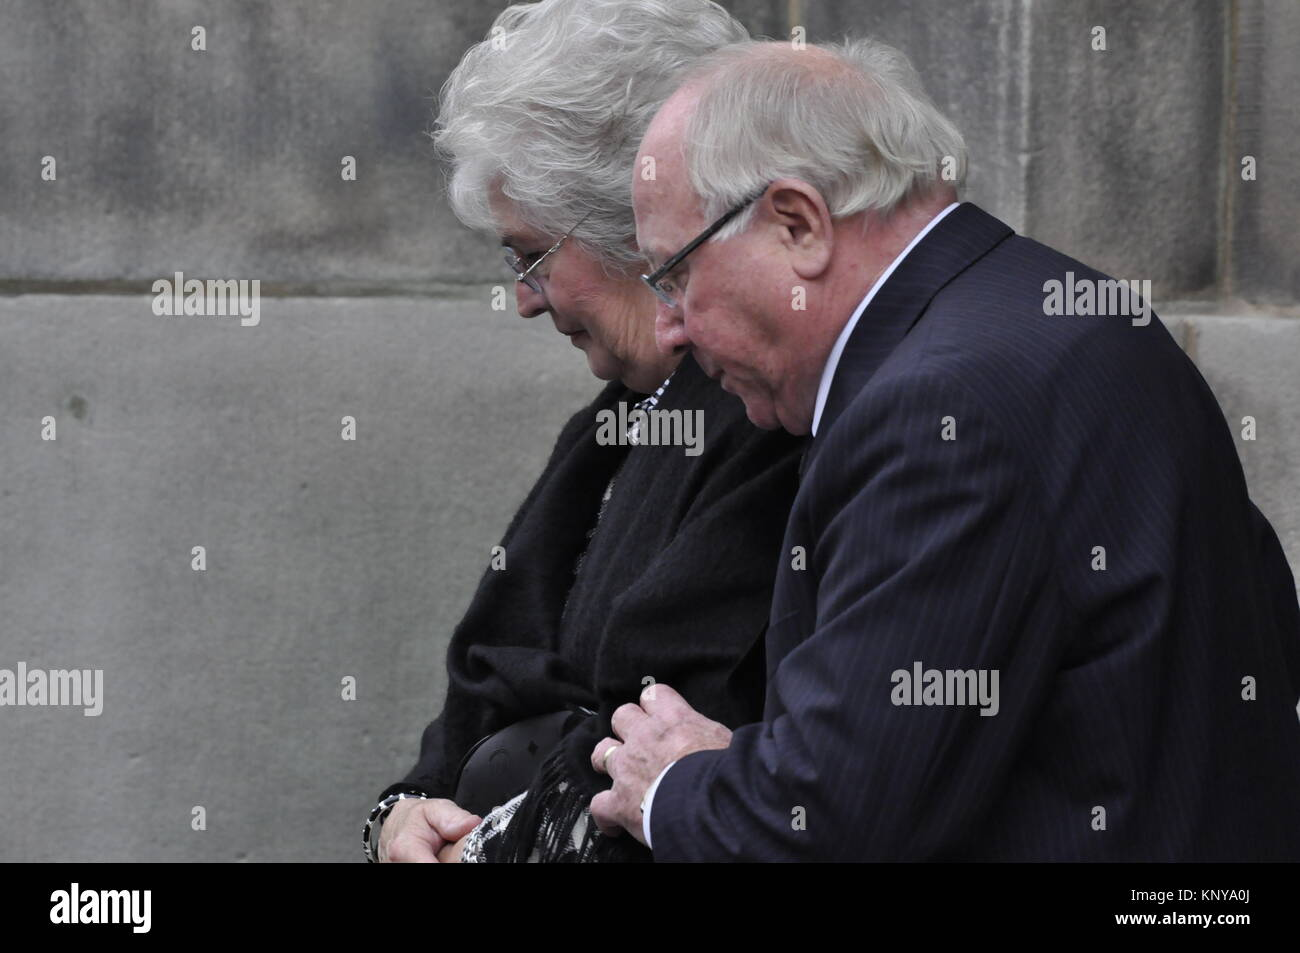 Uwe Seeler nach der Trauerfeier für Loki Schmidt, St. Michaeliskirche, Hamburg, Deutschland - Stock Image